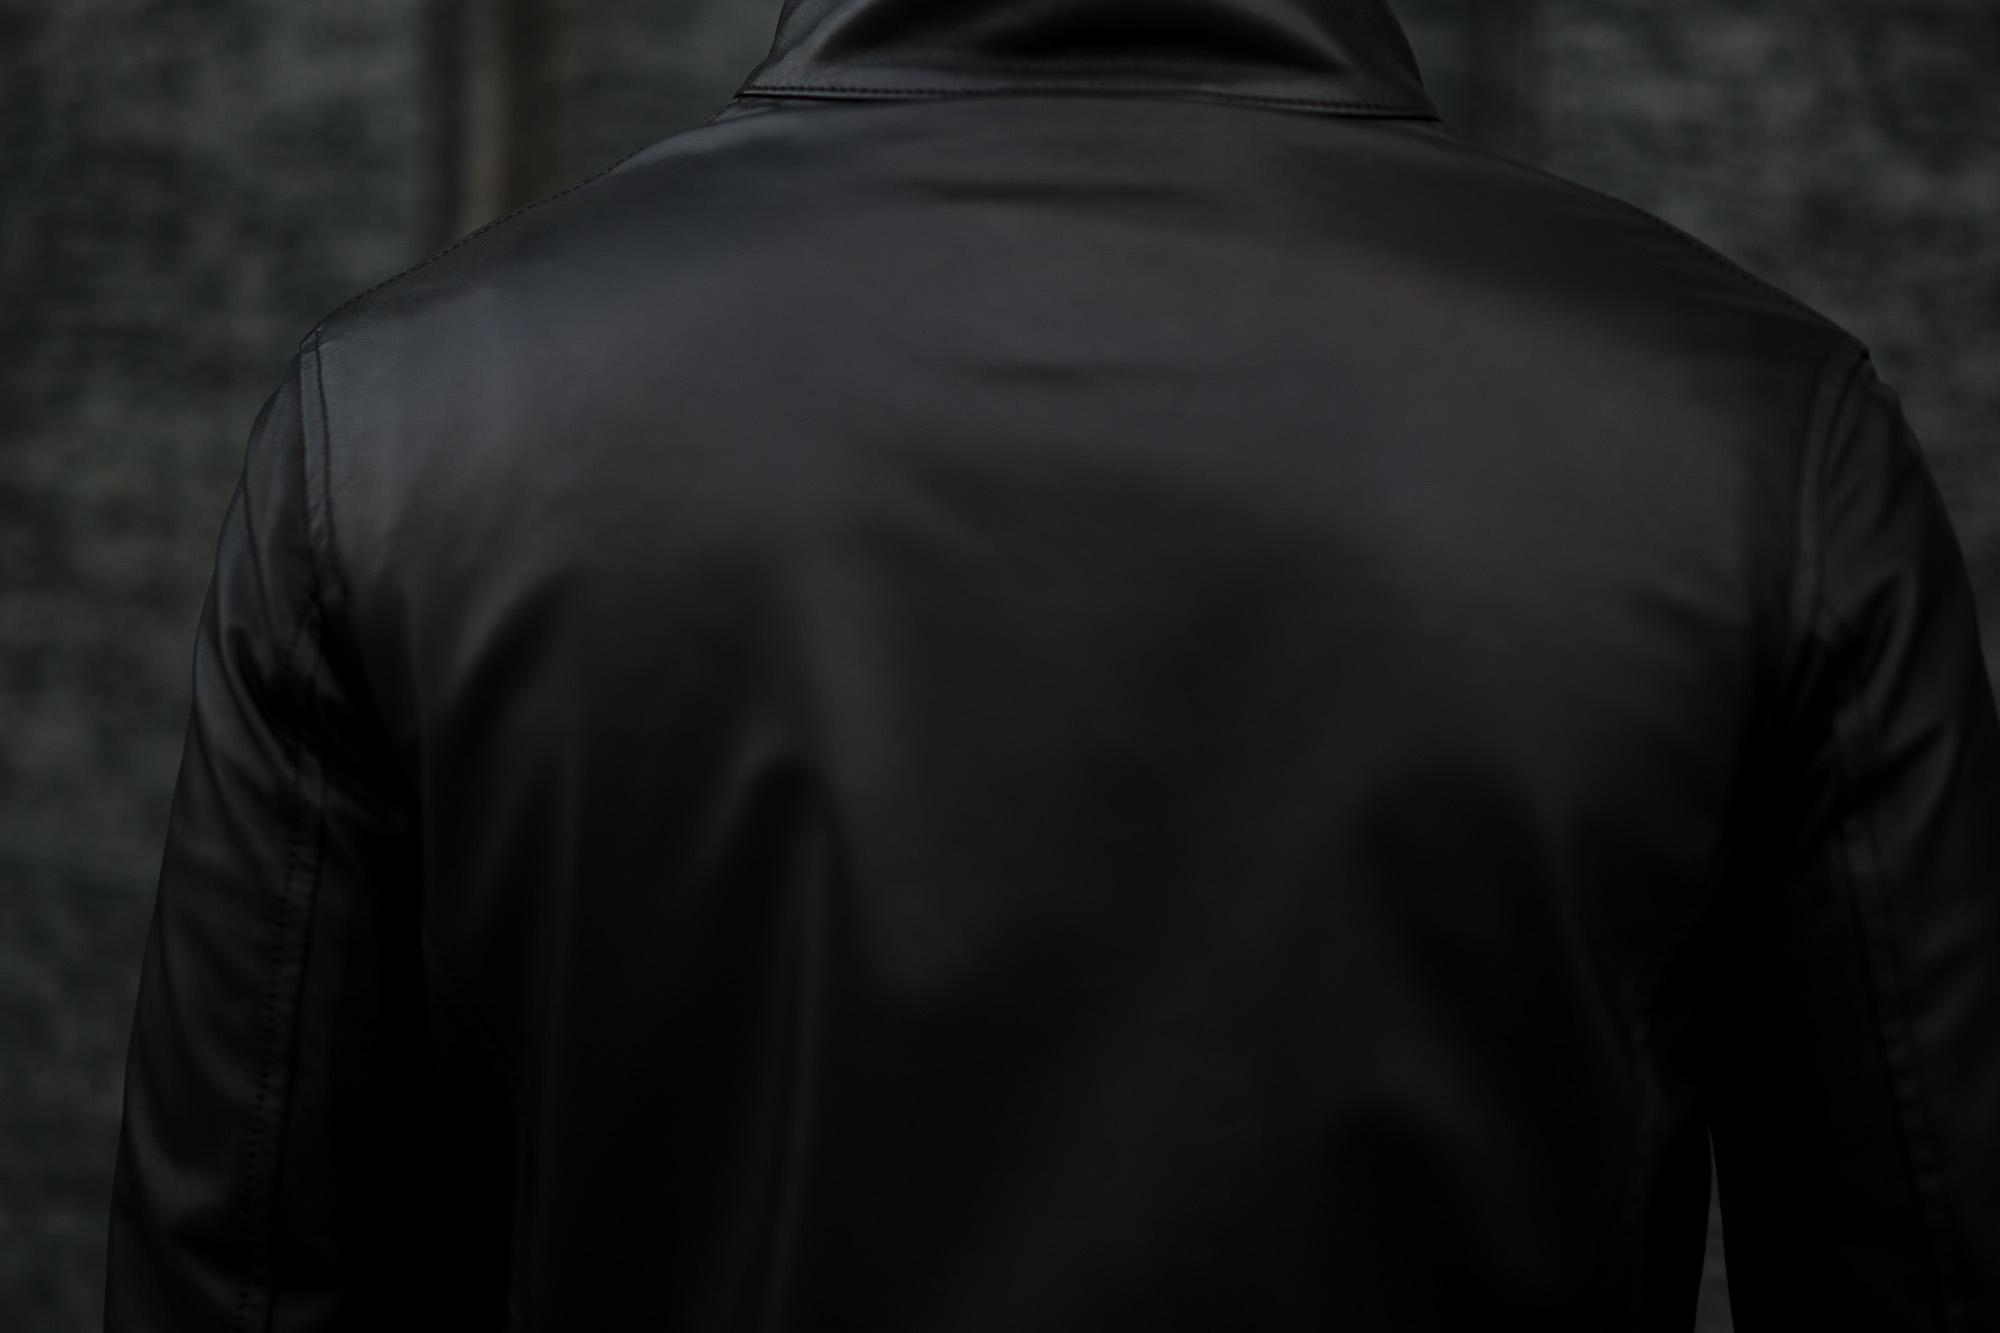 SILENCE(サイレンス) Single Leather Jacket (シングルレザー ジャケット) Goatskin Leather (ゴートスキンレザー) シングル ライダース ジャケット NERO (ブラック) Made in italy (イタリア製) 2020 春夏新作 愛知 名古屋 altoediritto アルトエデリット レザージャケット